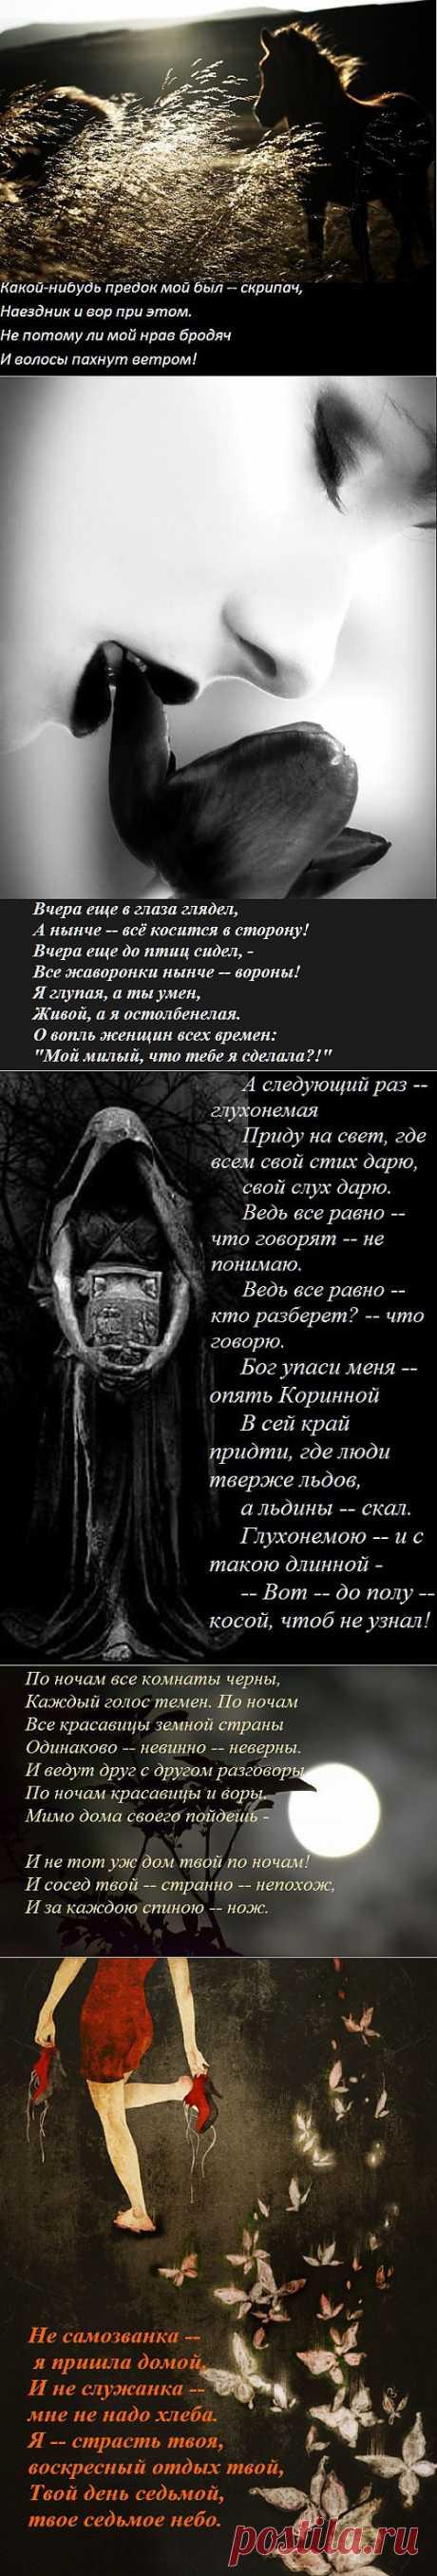 OWL Блюз - Марина Цветаева. Полет чувств...